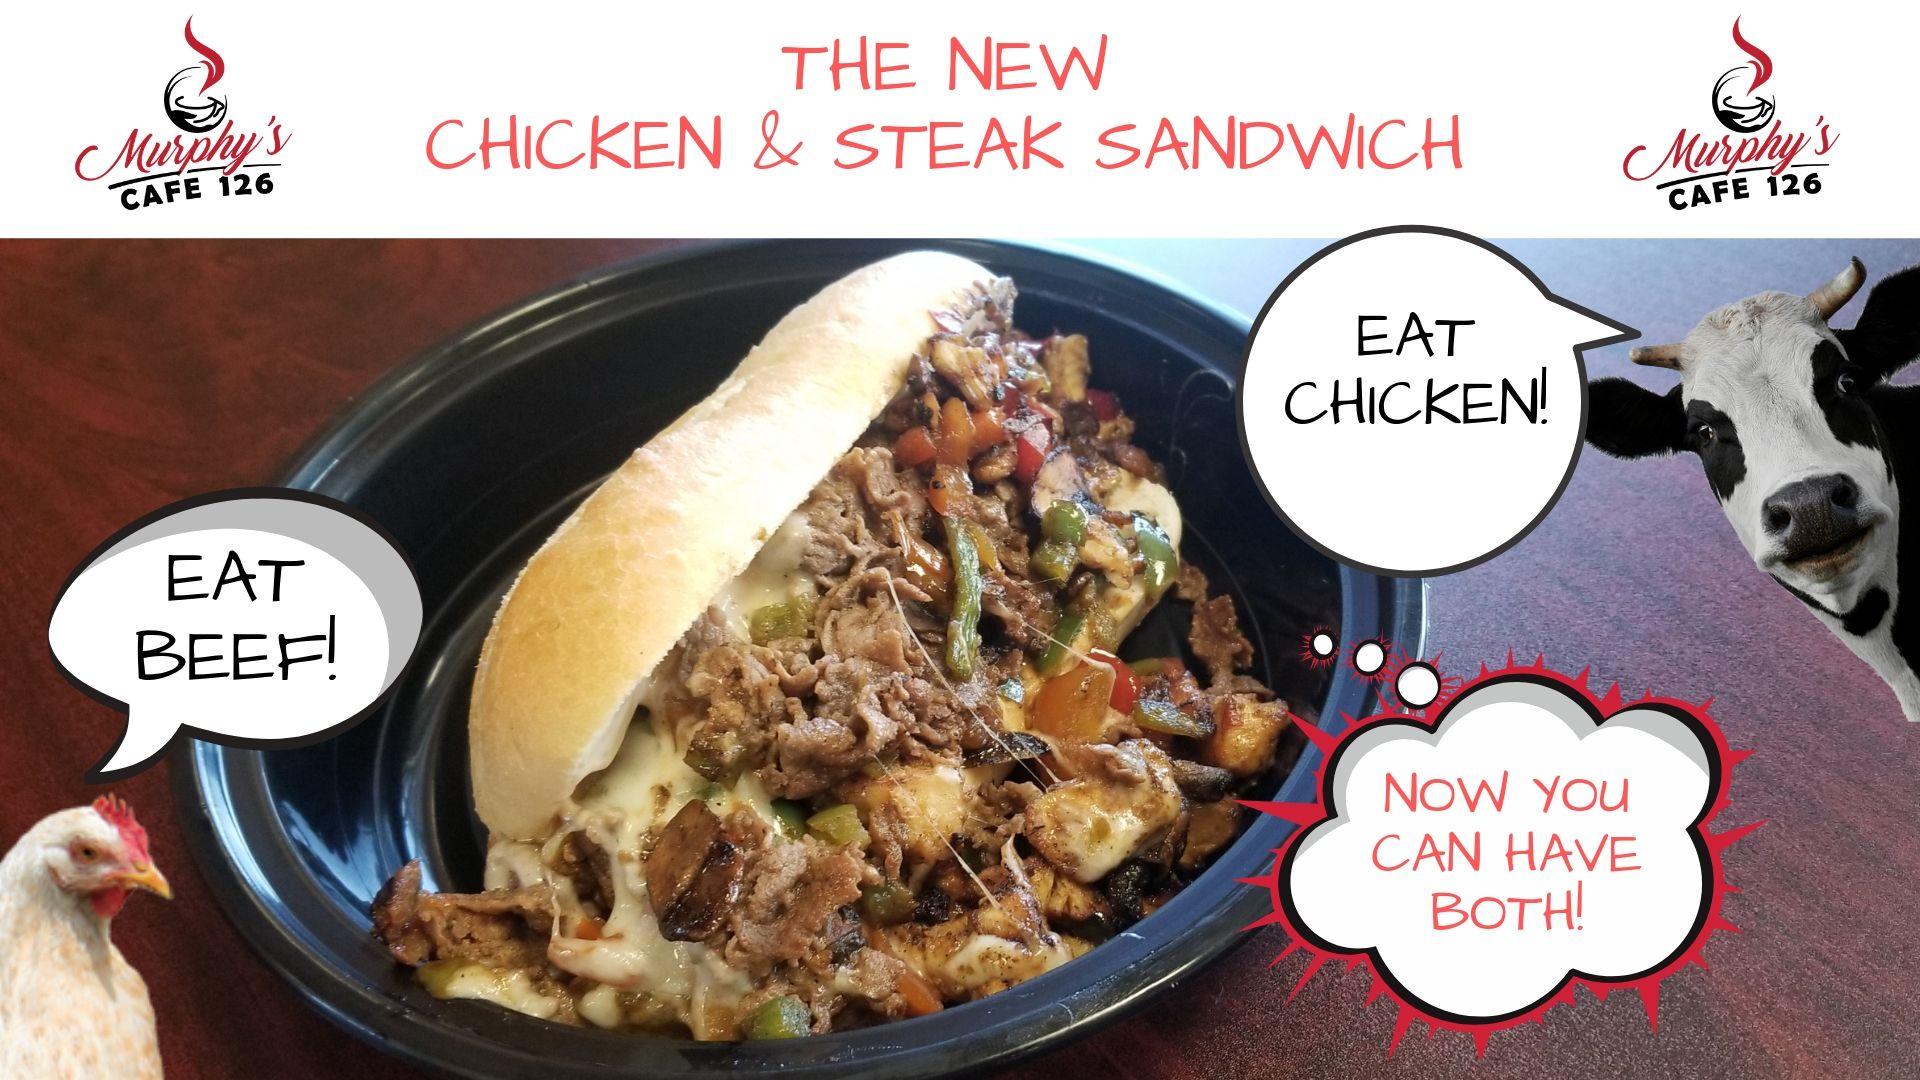 Chicken & Steak Sandwich